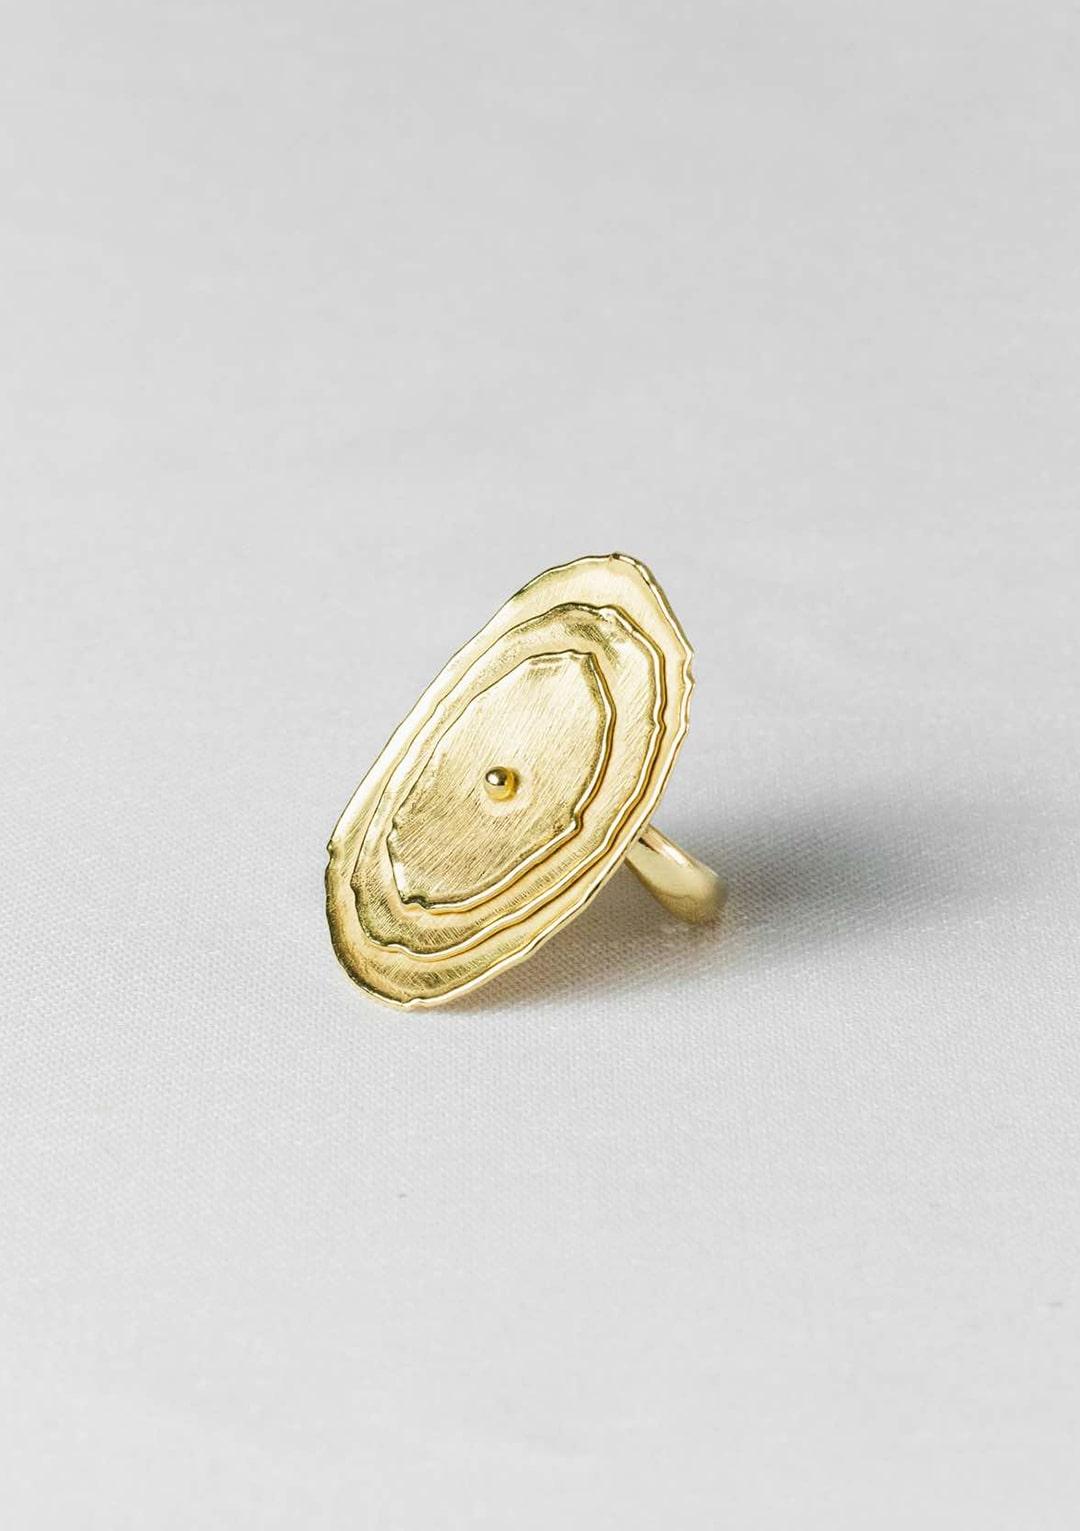 Bague réglable ovale Soleil I argent massif doré à l'or 18 carats I Elliade I vue de face I Label AÉ Paris